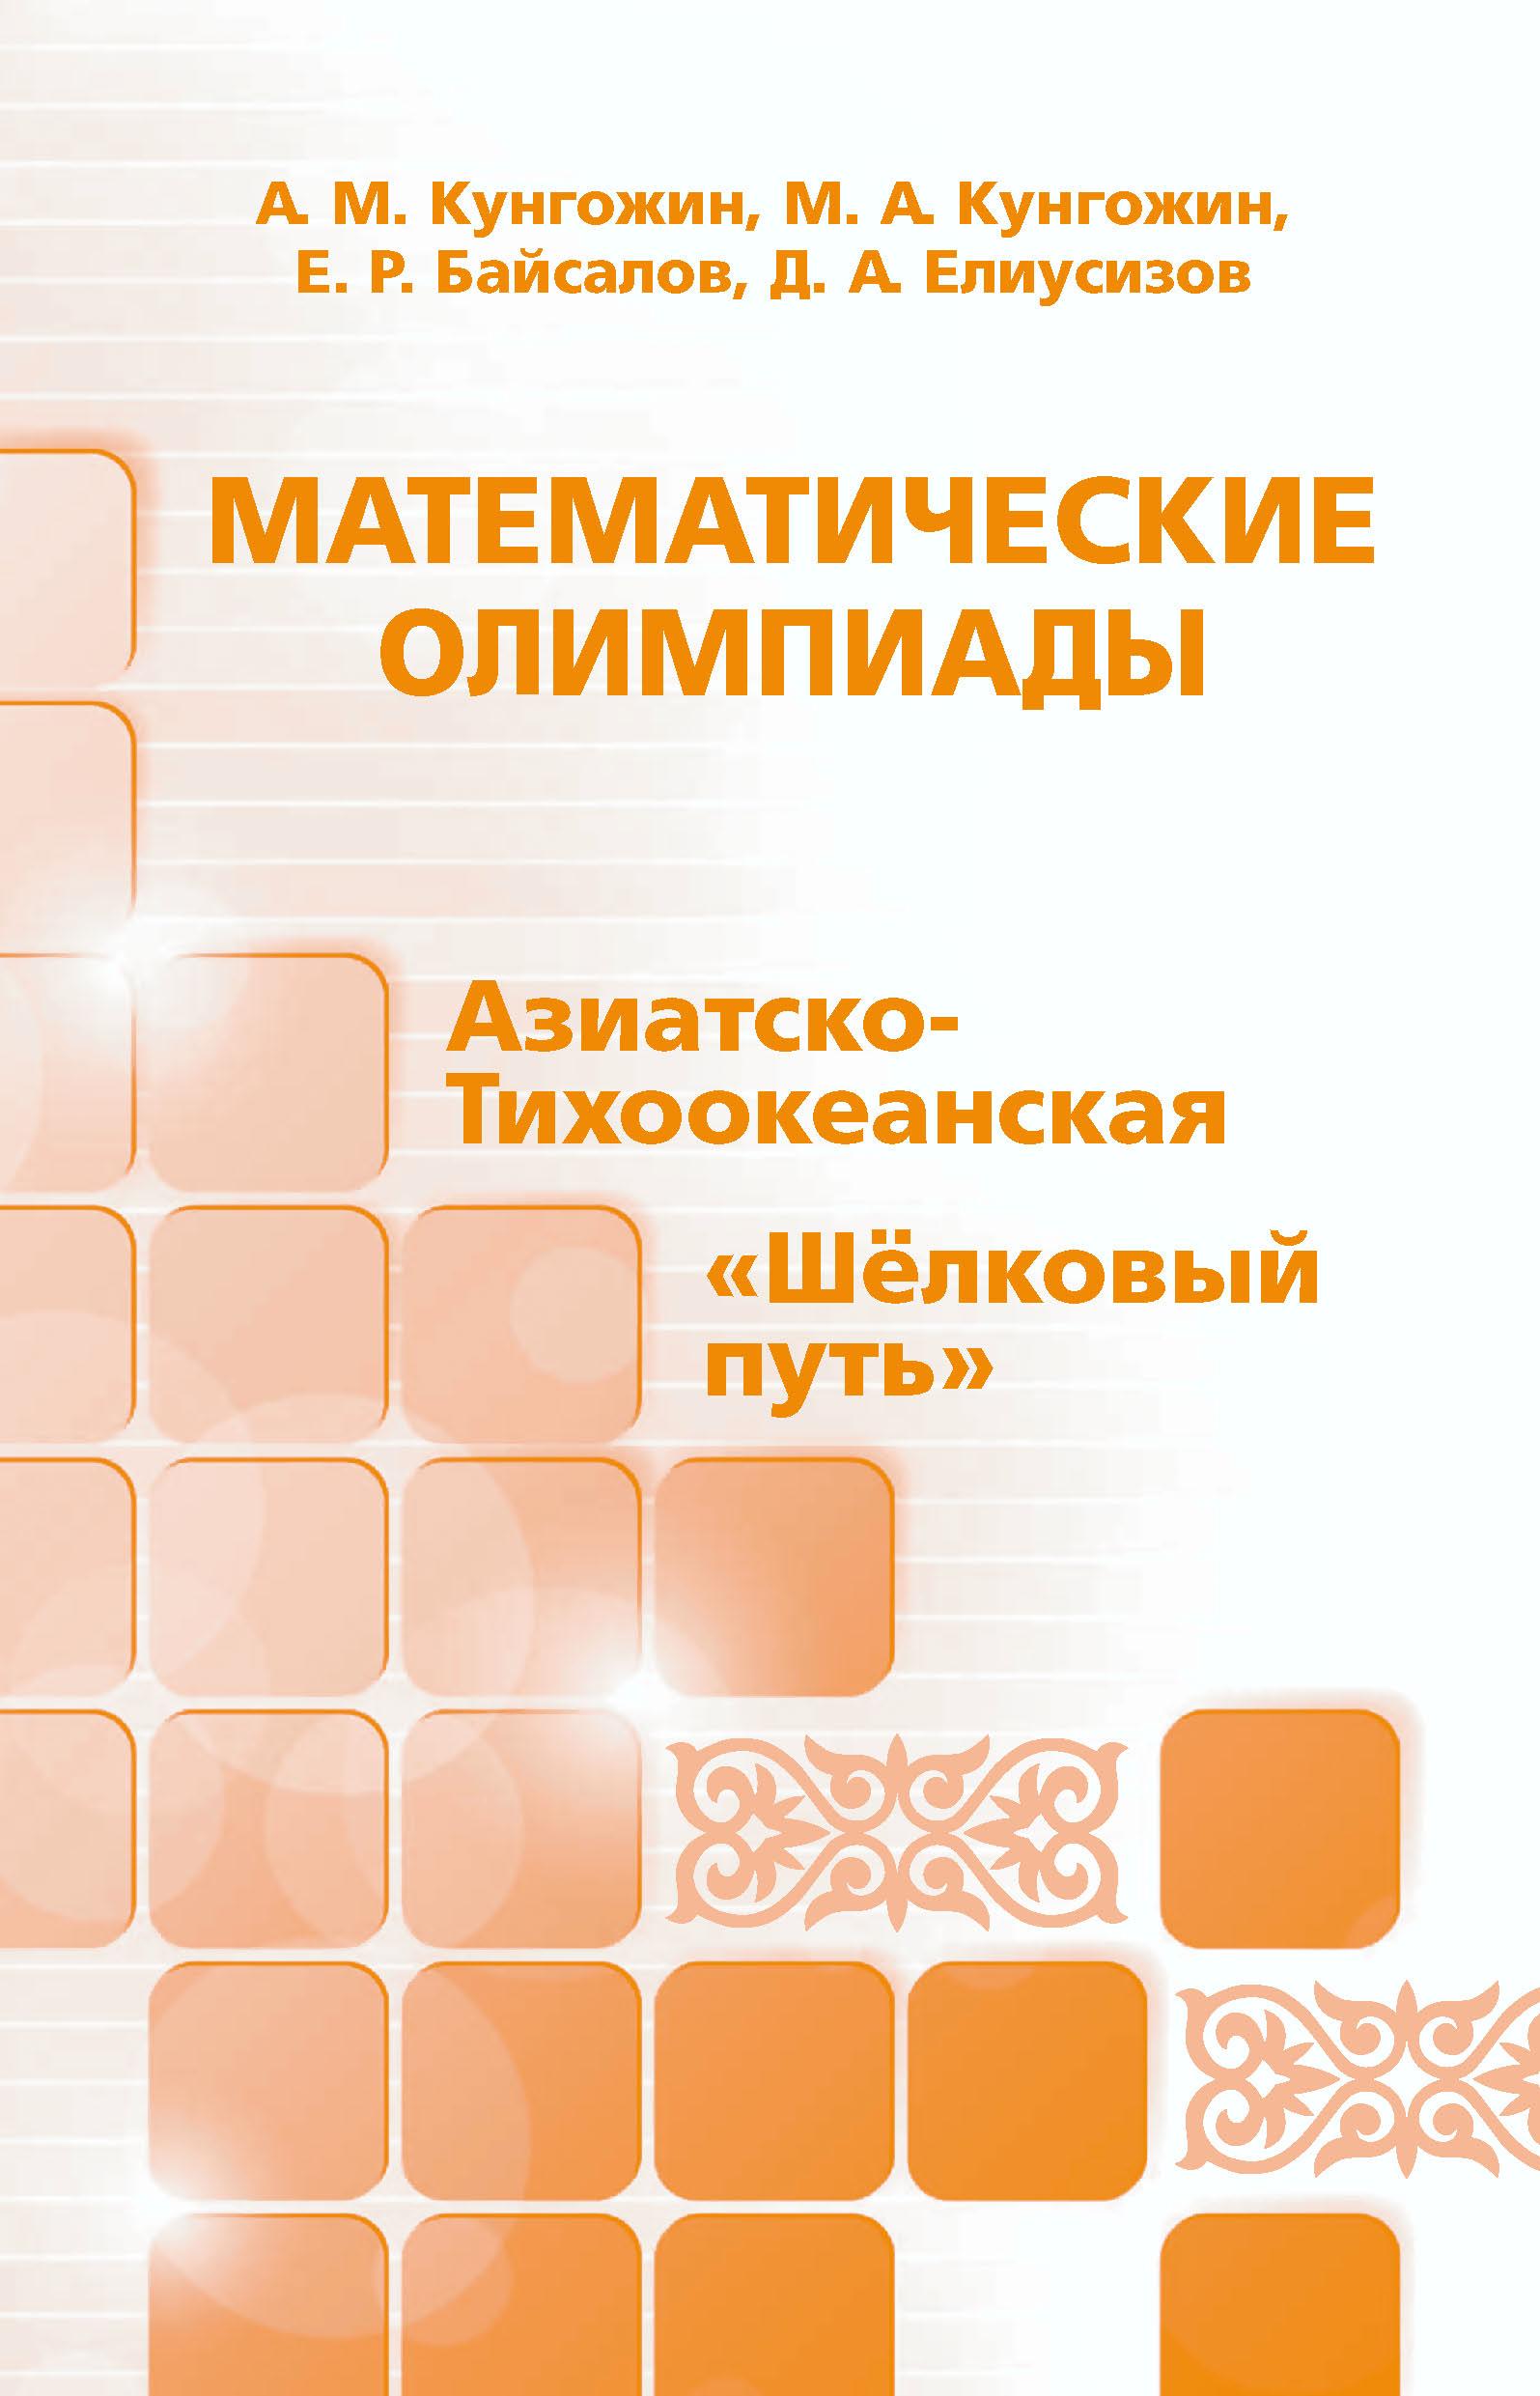 А. М. Кунгожин Математические олимпиады: Азиатско-Тихоокеанская, «Шёлковый путь» цена и фото